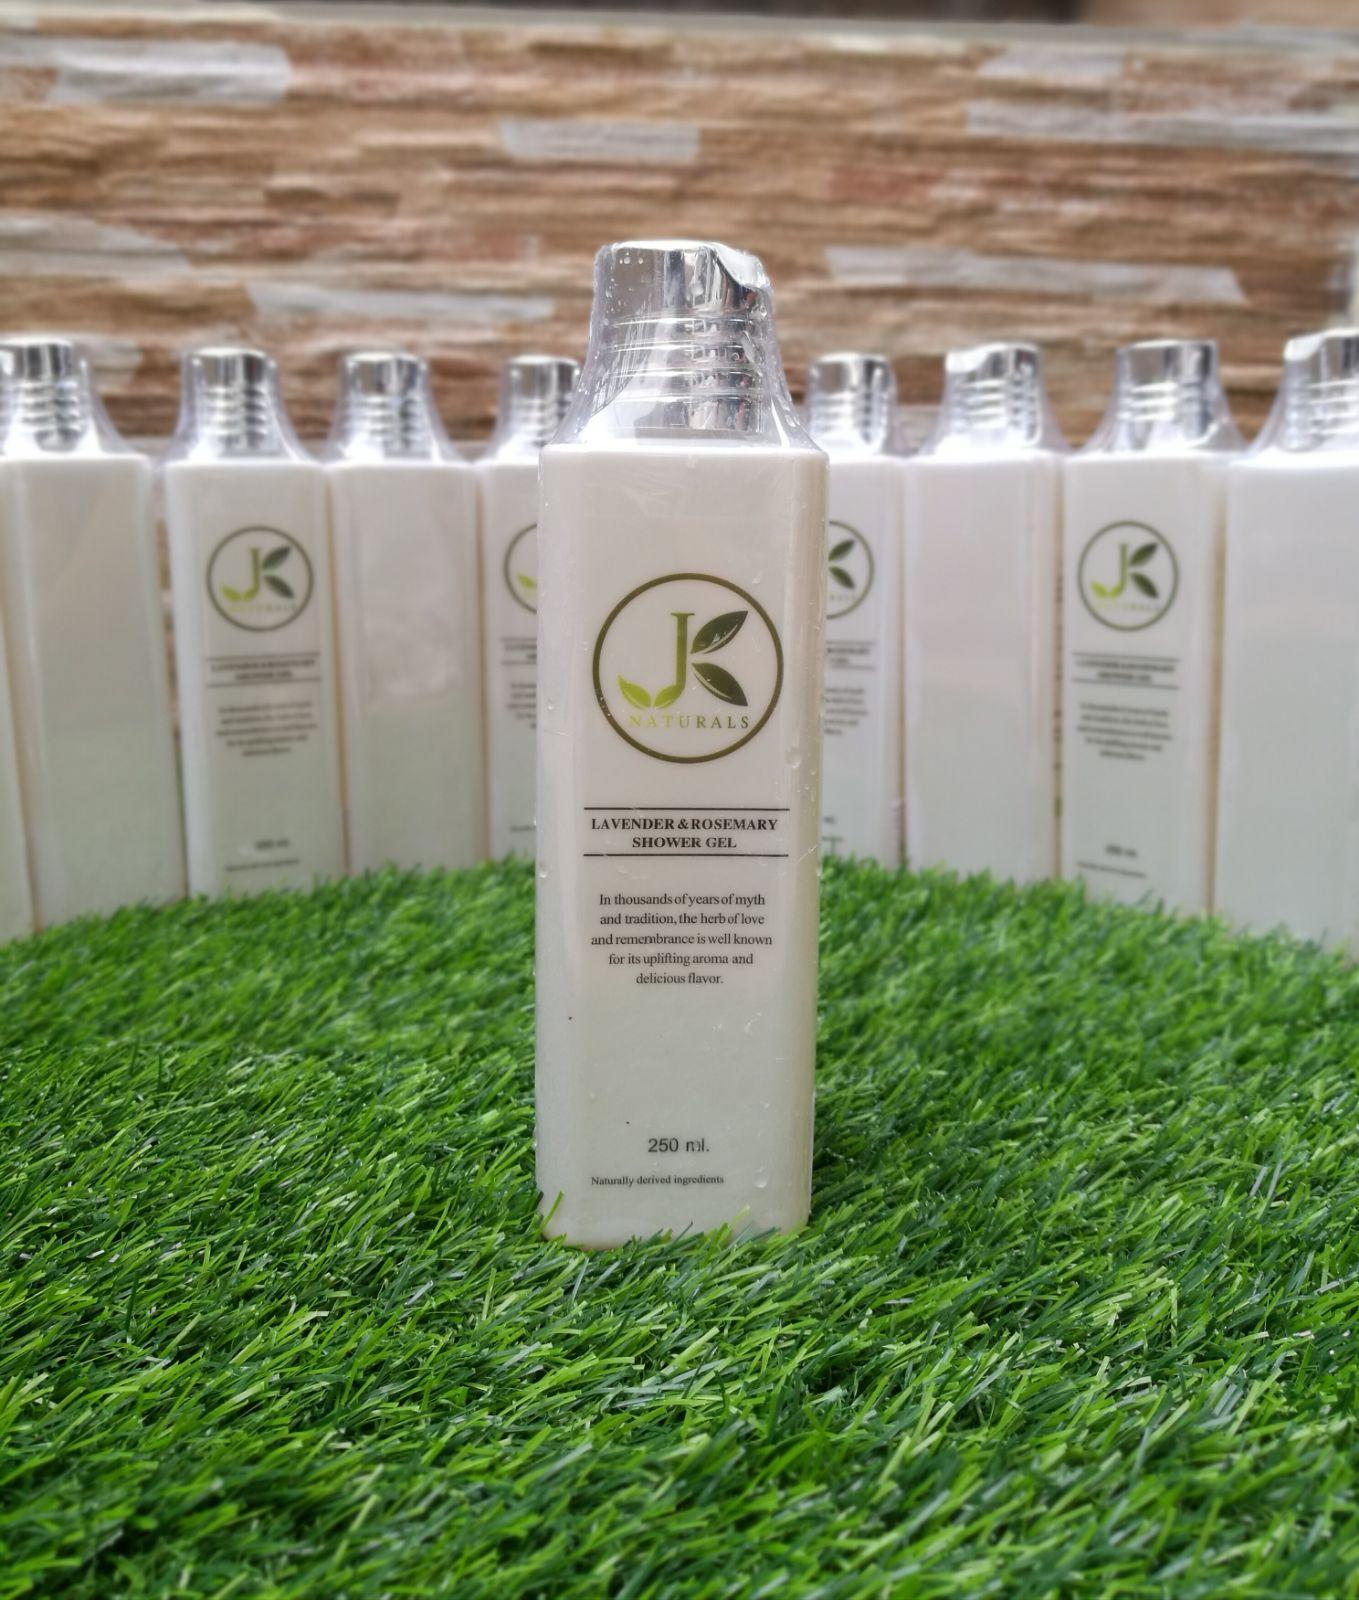 Jk naturals lavender rosemary shower gel